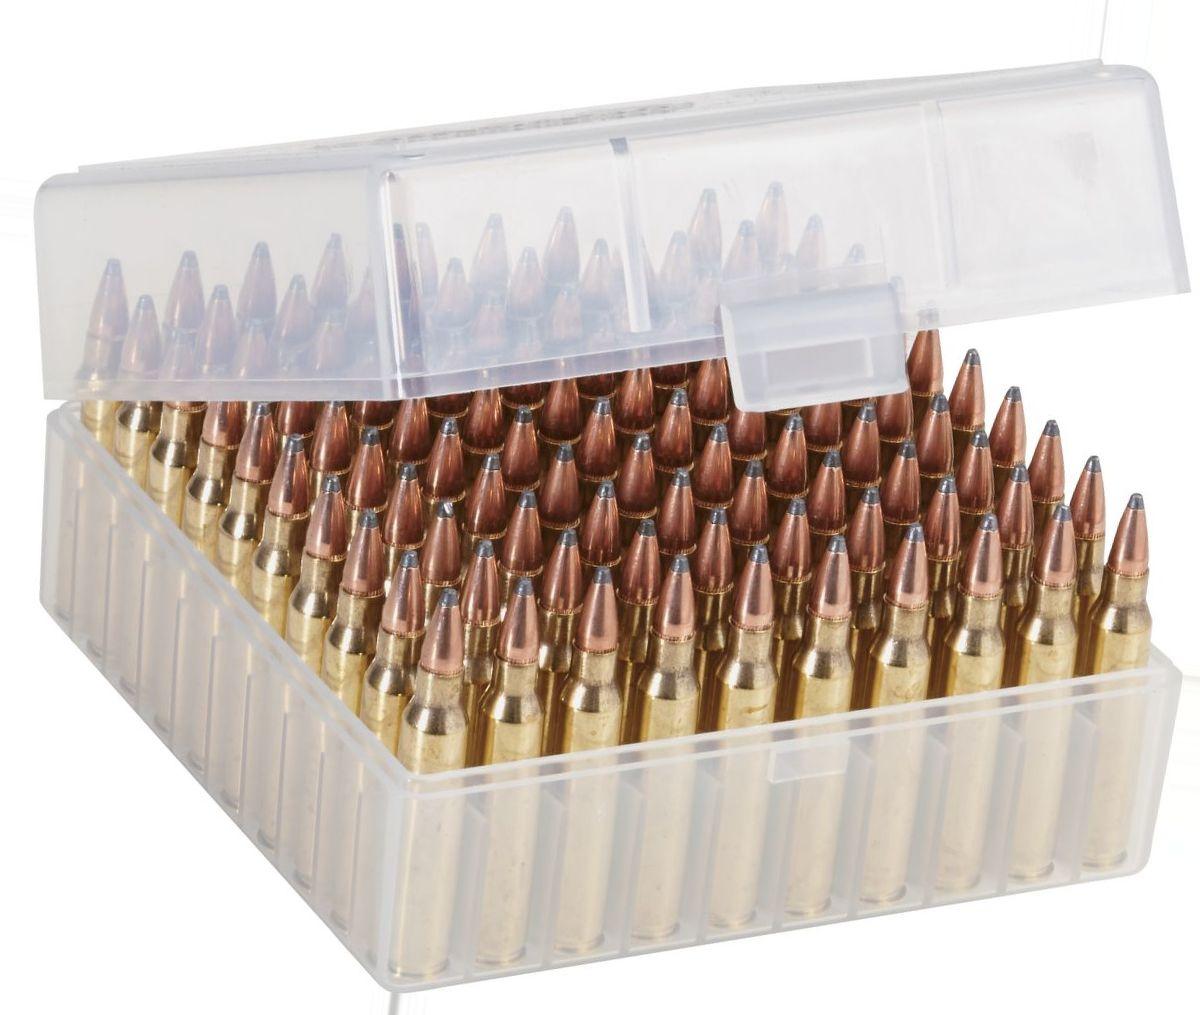 Cabela's 100-Round Ammo Boxes